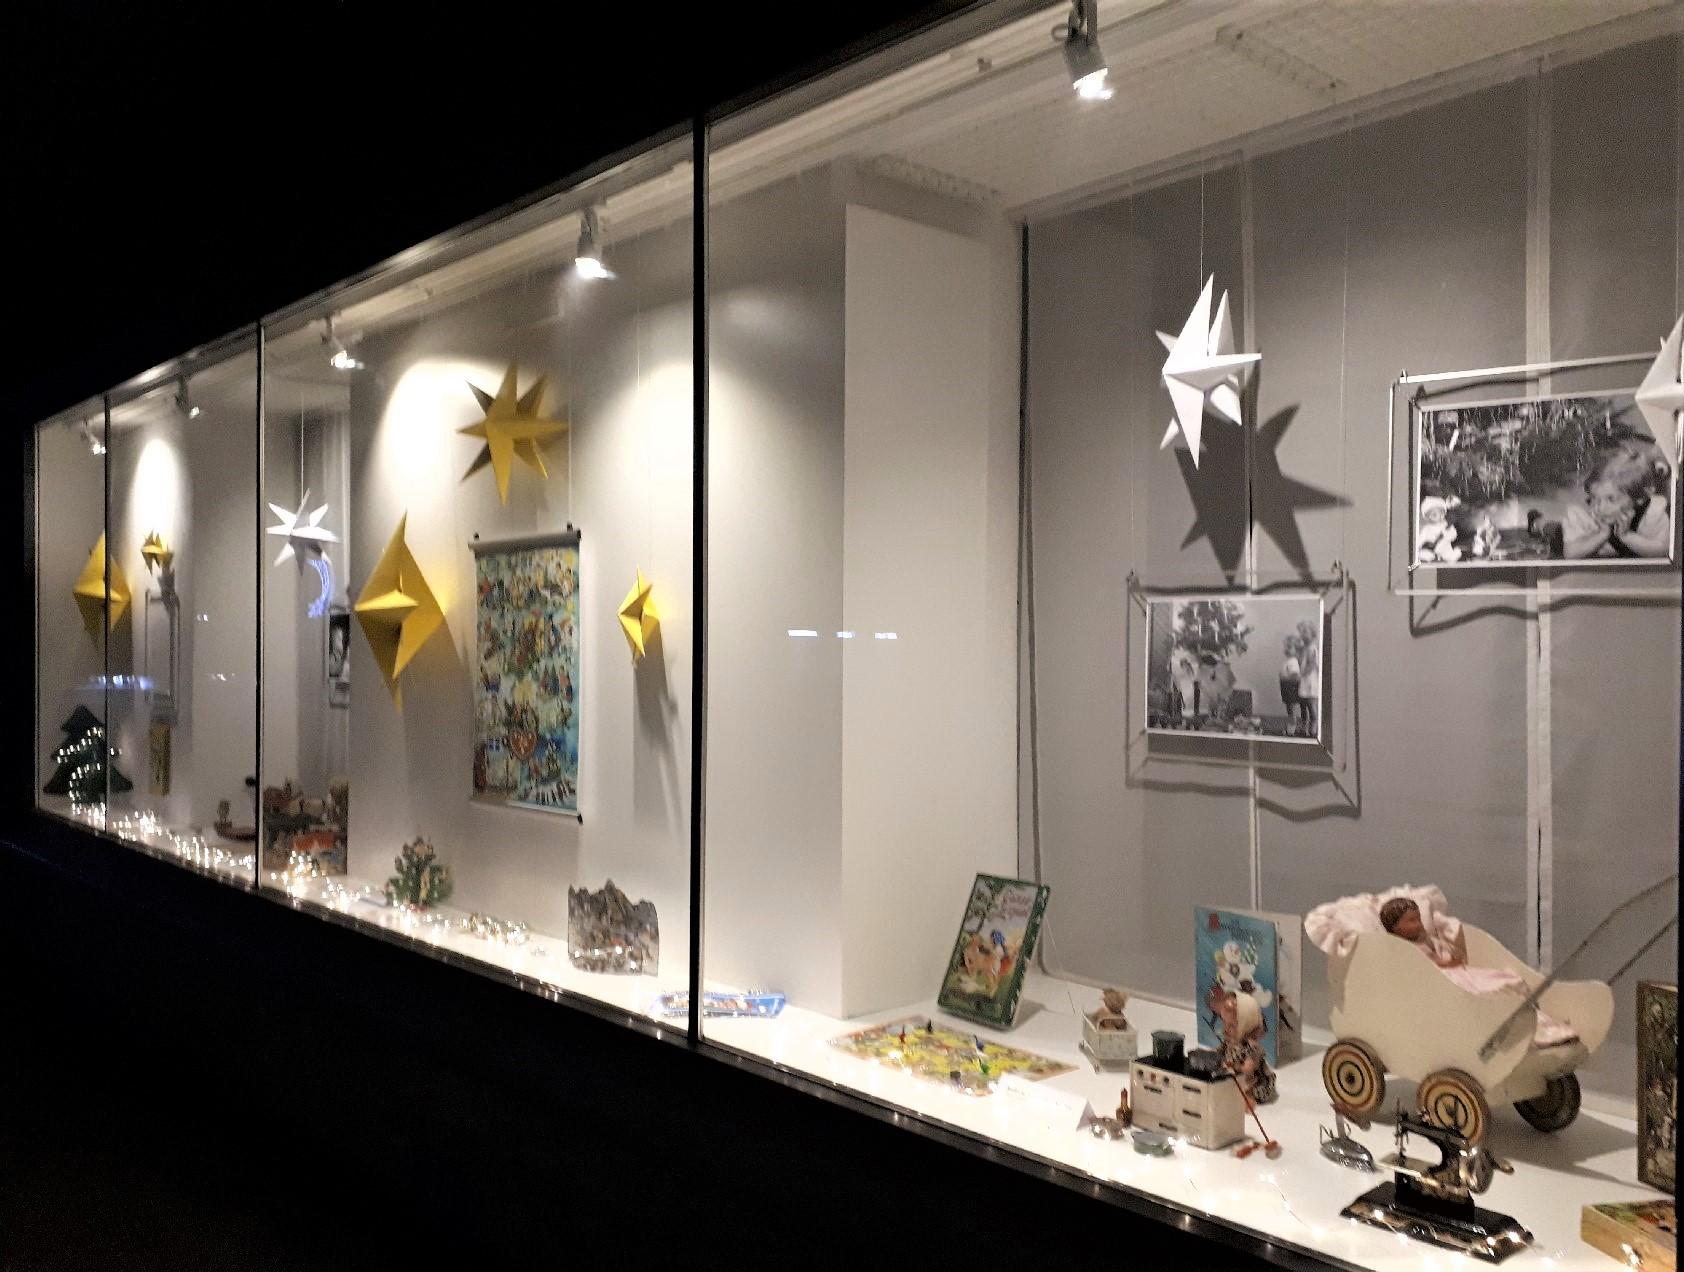 Torf-Glas-Ziegel Museum, Schaufenster 2020- Weihnachten damals